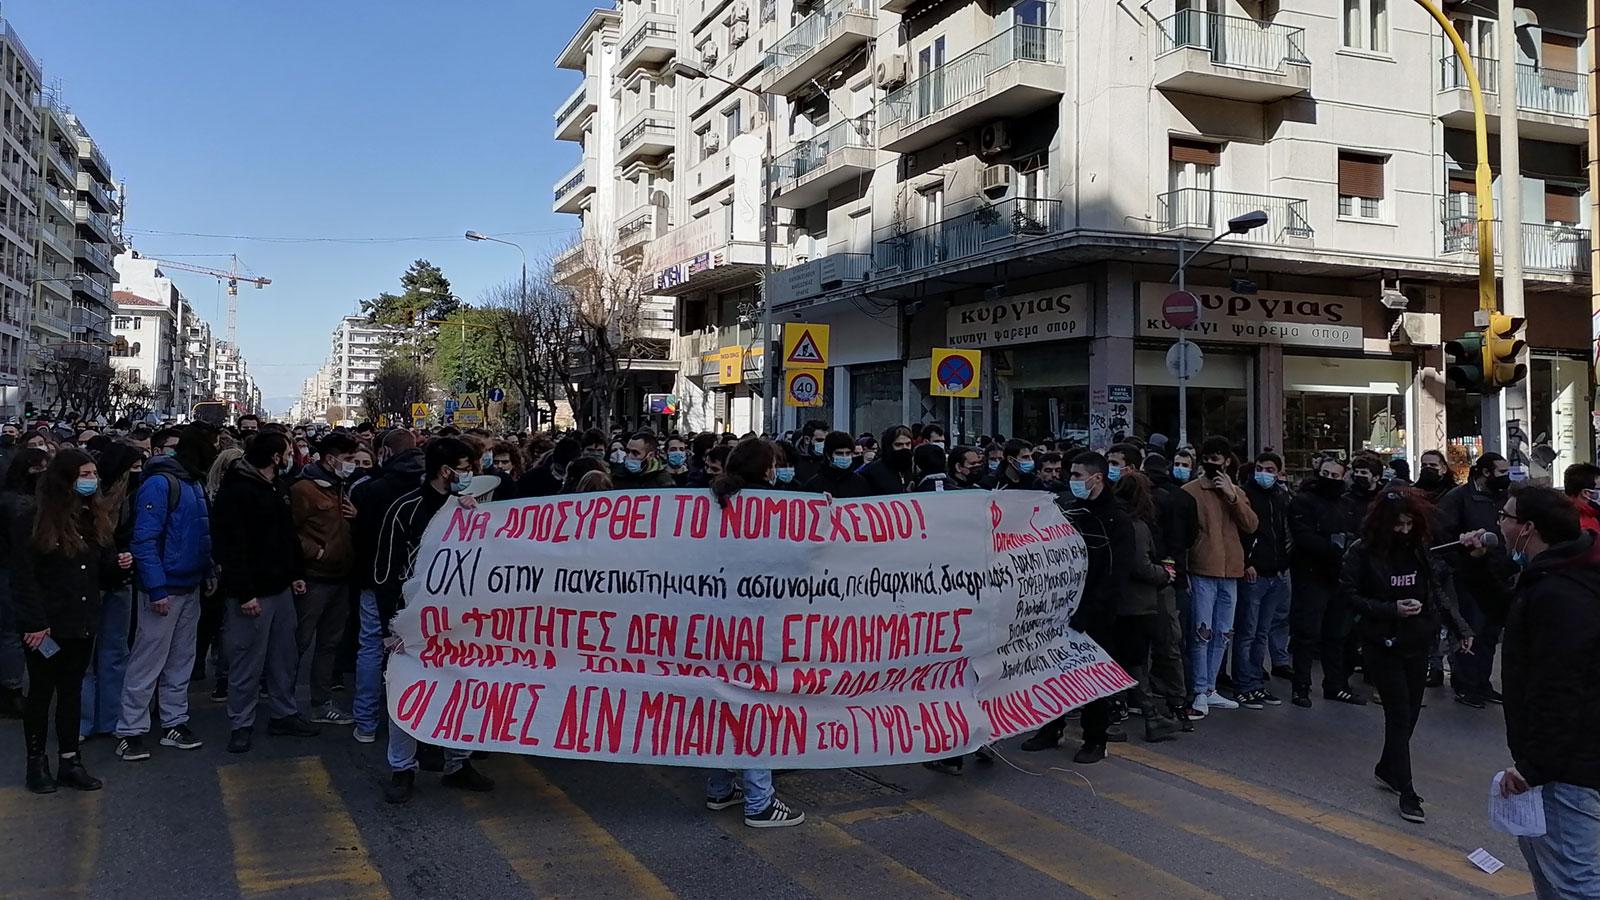 ΚΝΕ:Οι φοιτητές έσπασαν τις προσχηματικές απαγορεύσεις της κυβέρνησης στην πράξη!